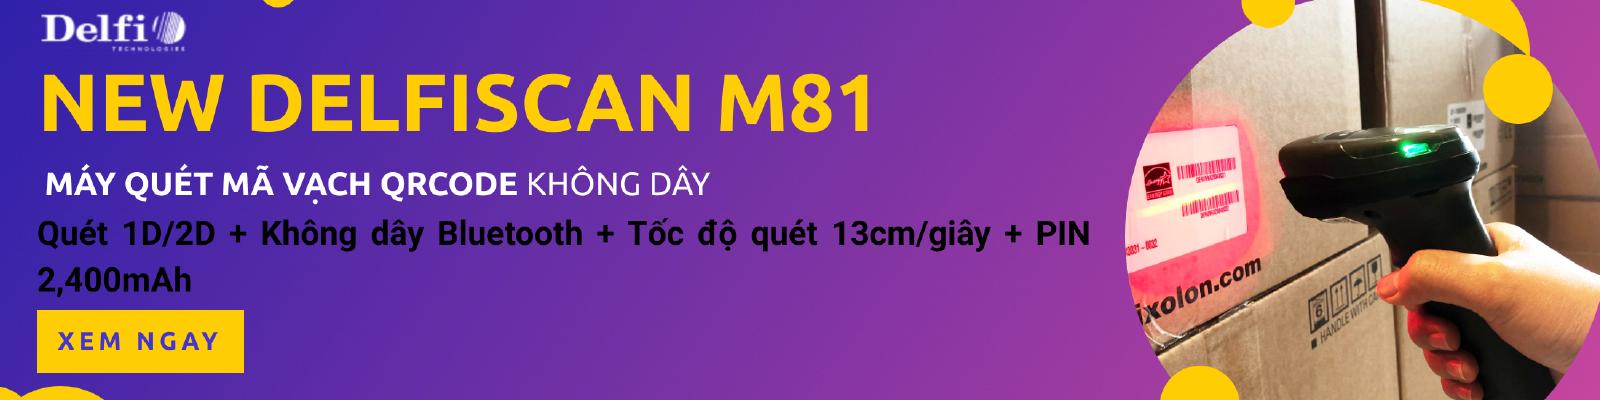 DELFISCAN M81